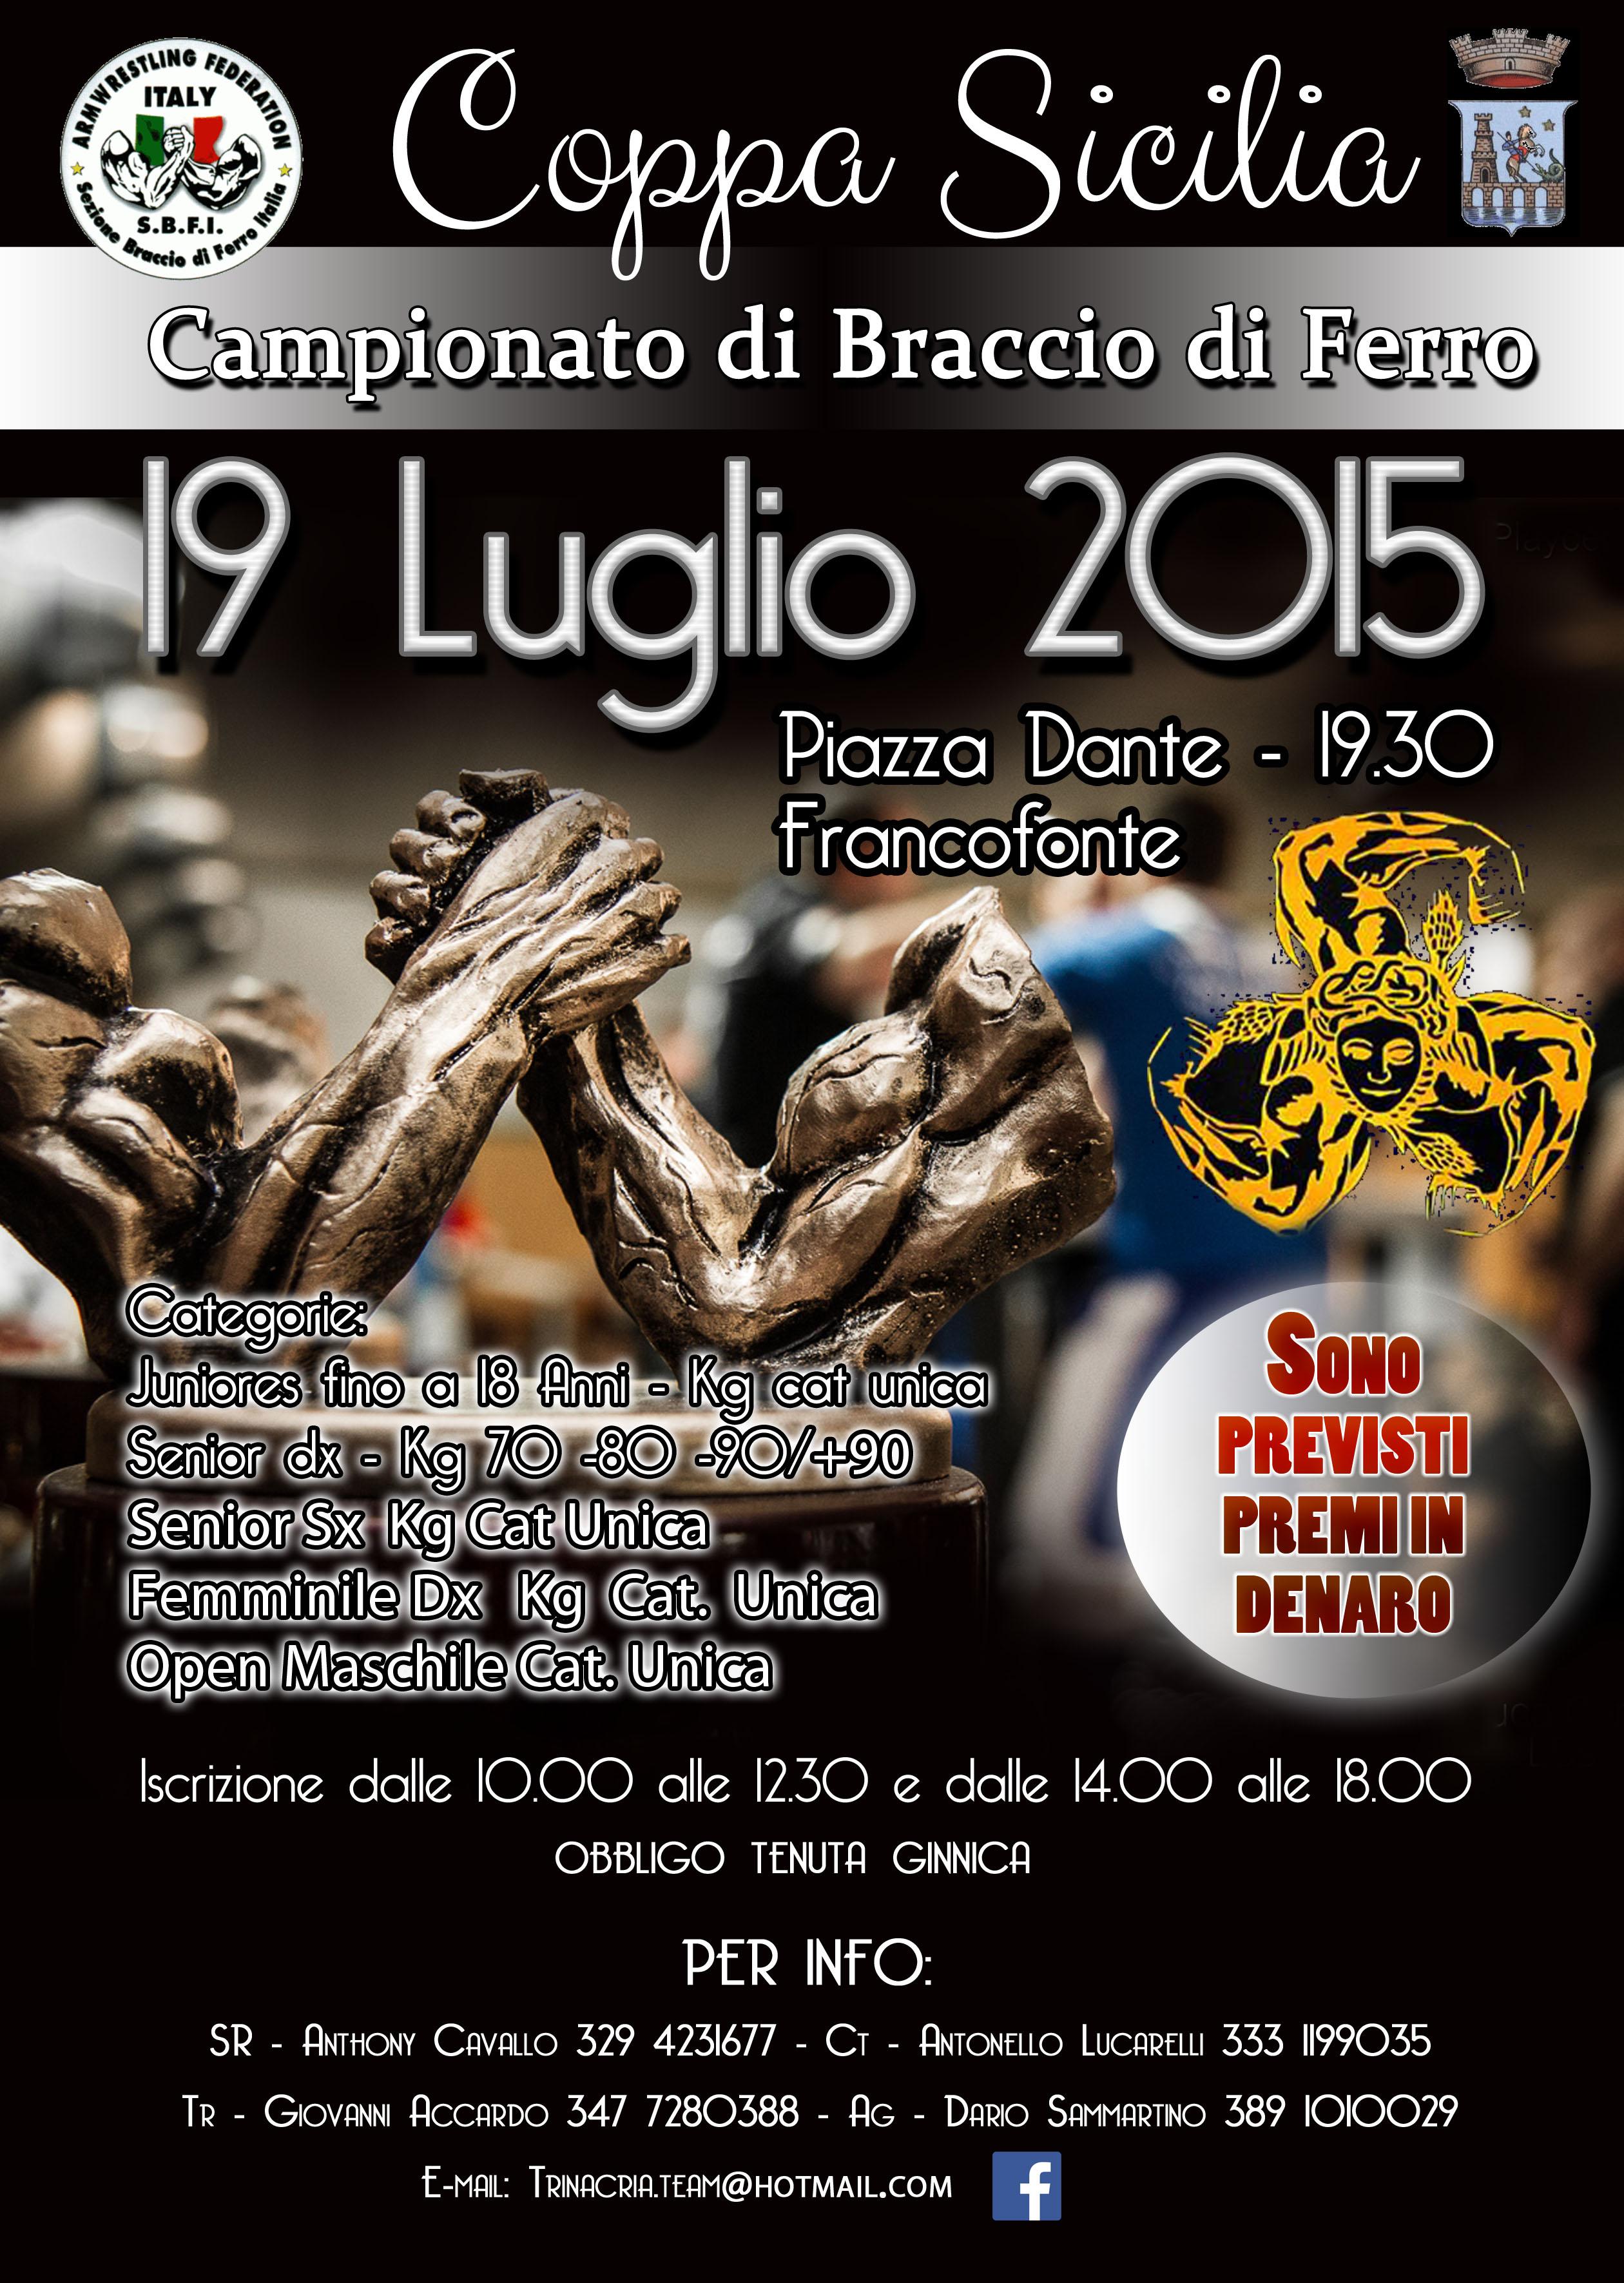 Coppa Sicilia 2015